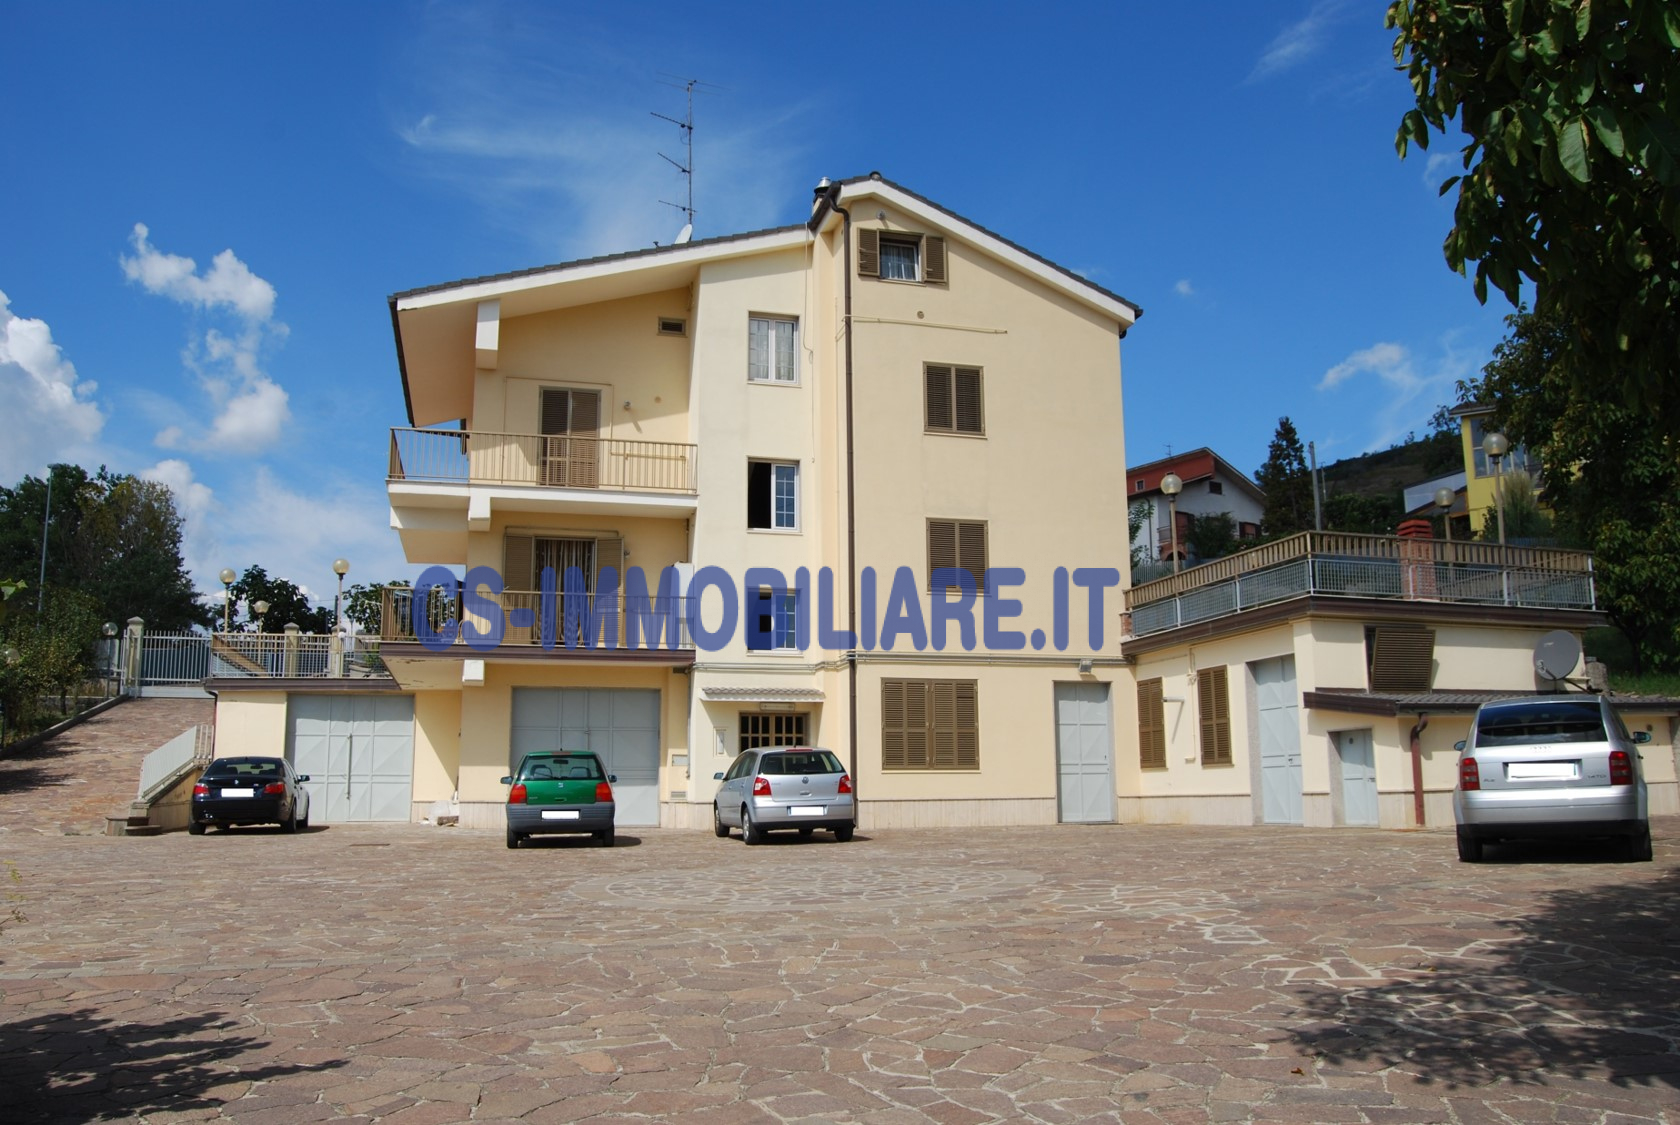 Appartamento in affitto a Potenza, 5 locali, zona Località: ViaStigliani, prezzo € 550 | CambioCasa.it